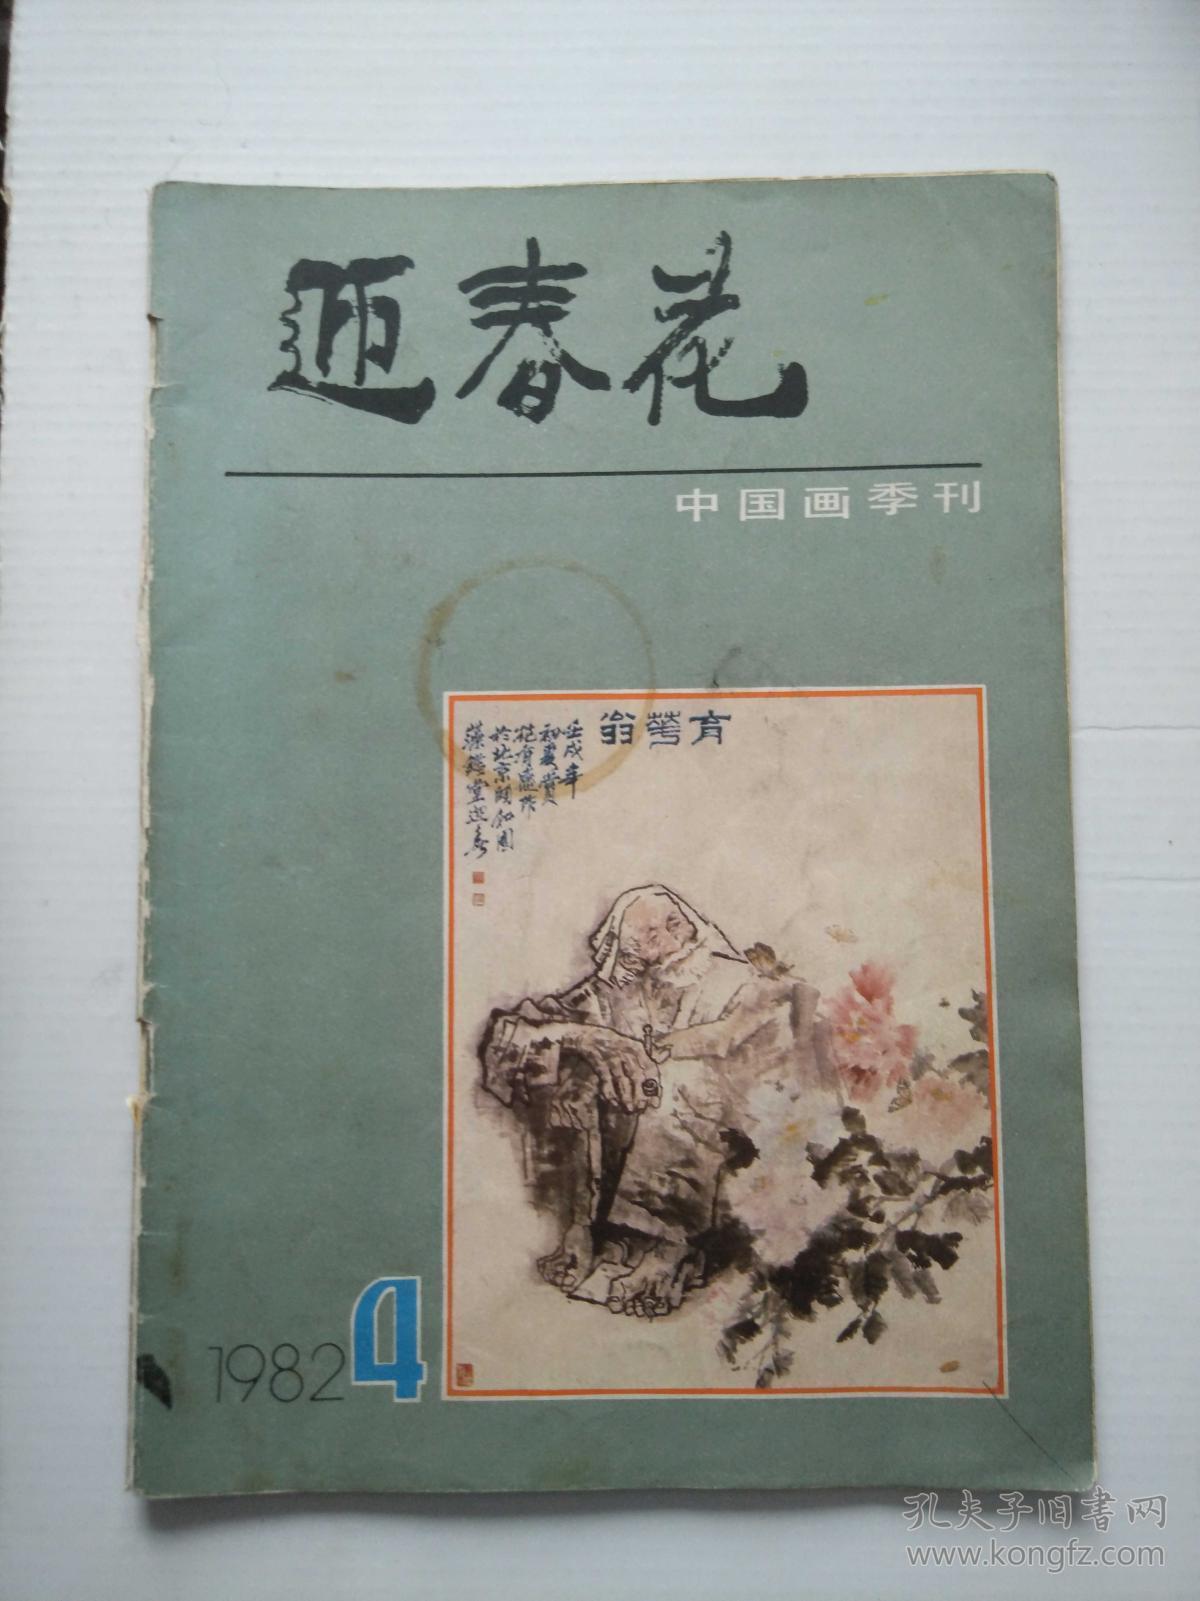 迎春花 中国画季刊 1982年第4期